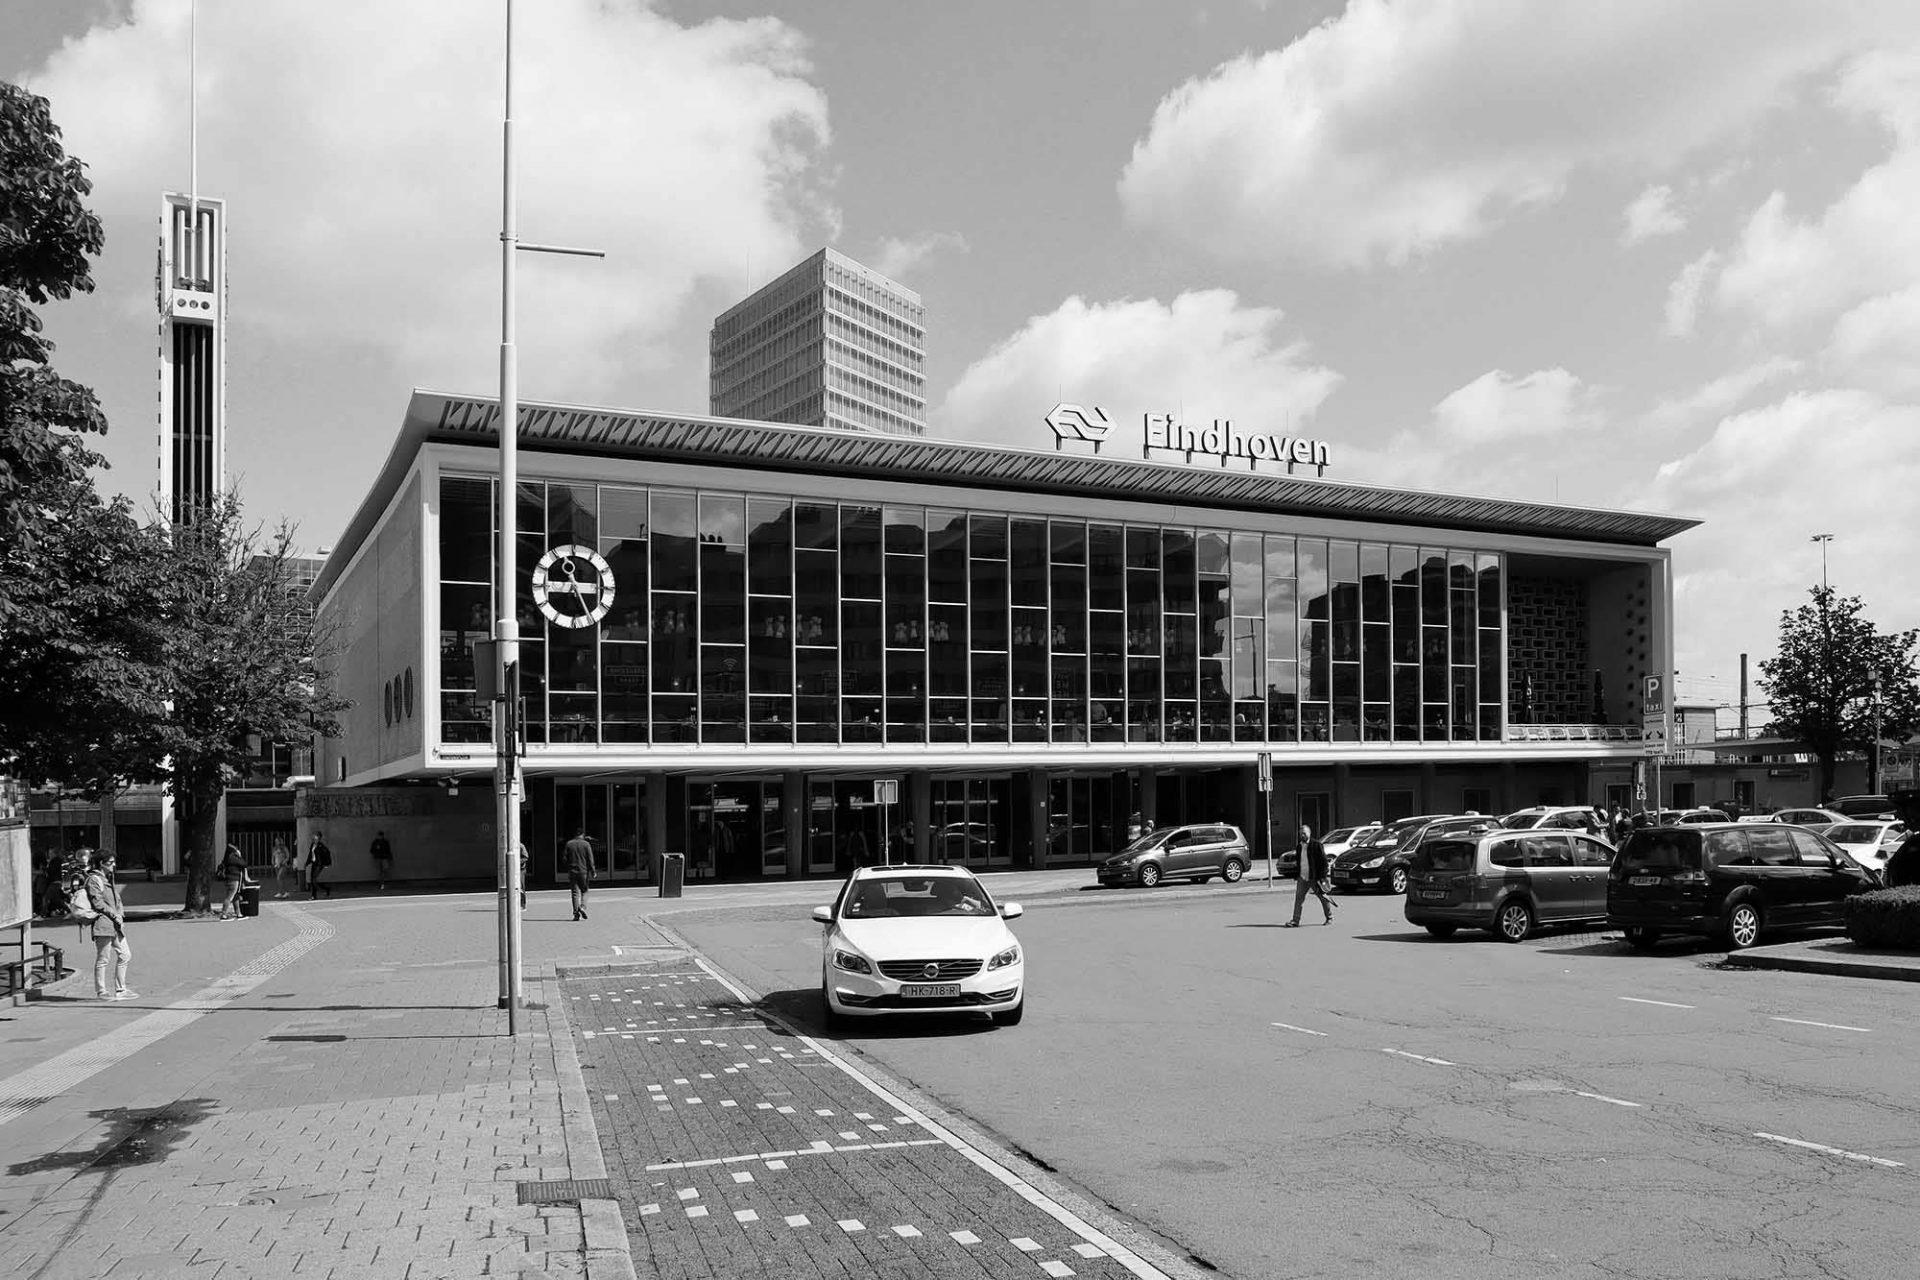 Bahnhof. Der Eindhovener Bahnhof entstand 1956 nach Plänen von Koen van der Gaast. Ein Philips-Radio war sein Vorbild.